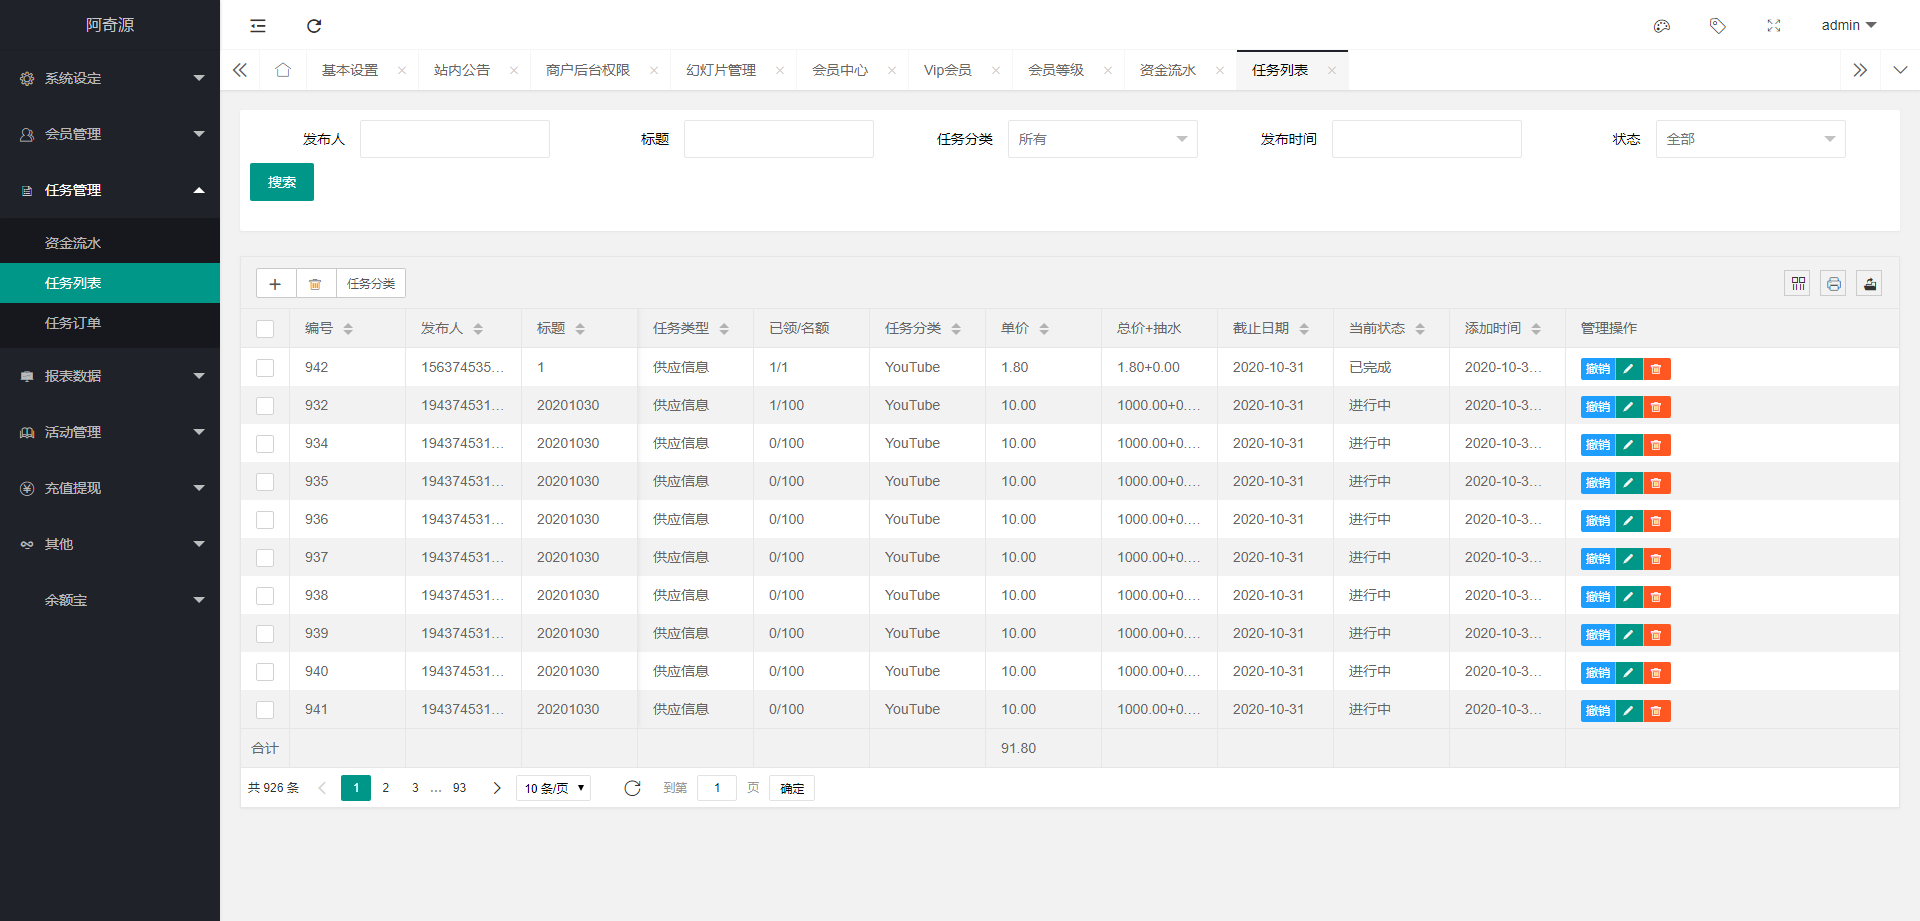 【任务点赞系统】国际多语言版抖音+快手+脸书+LINE+TIKTOK悬赏平台-找主题源码